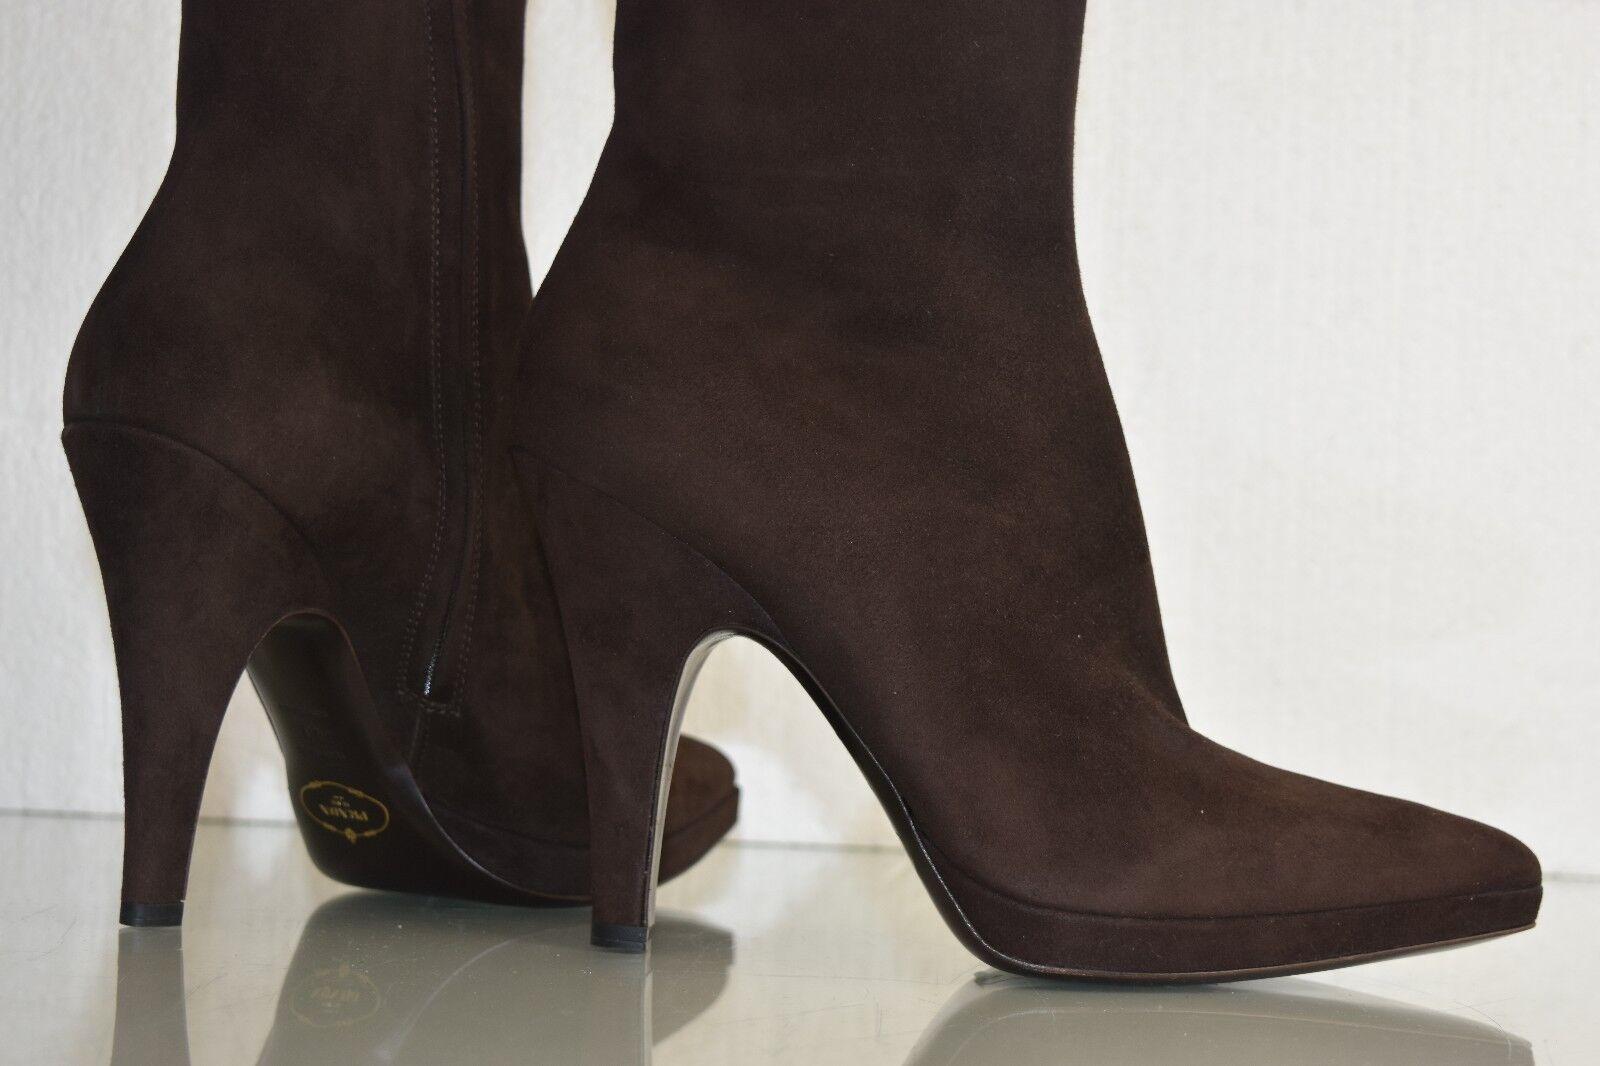 New in Box PRADA PRADA Box Midcalf Stiefel braun Suede Platform Heels schuhe 40 628bc0